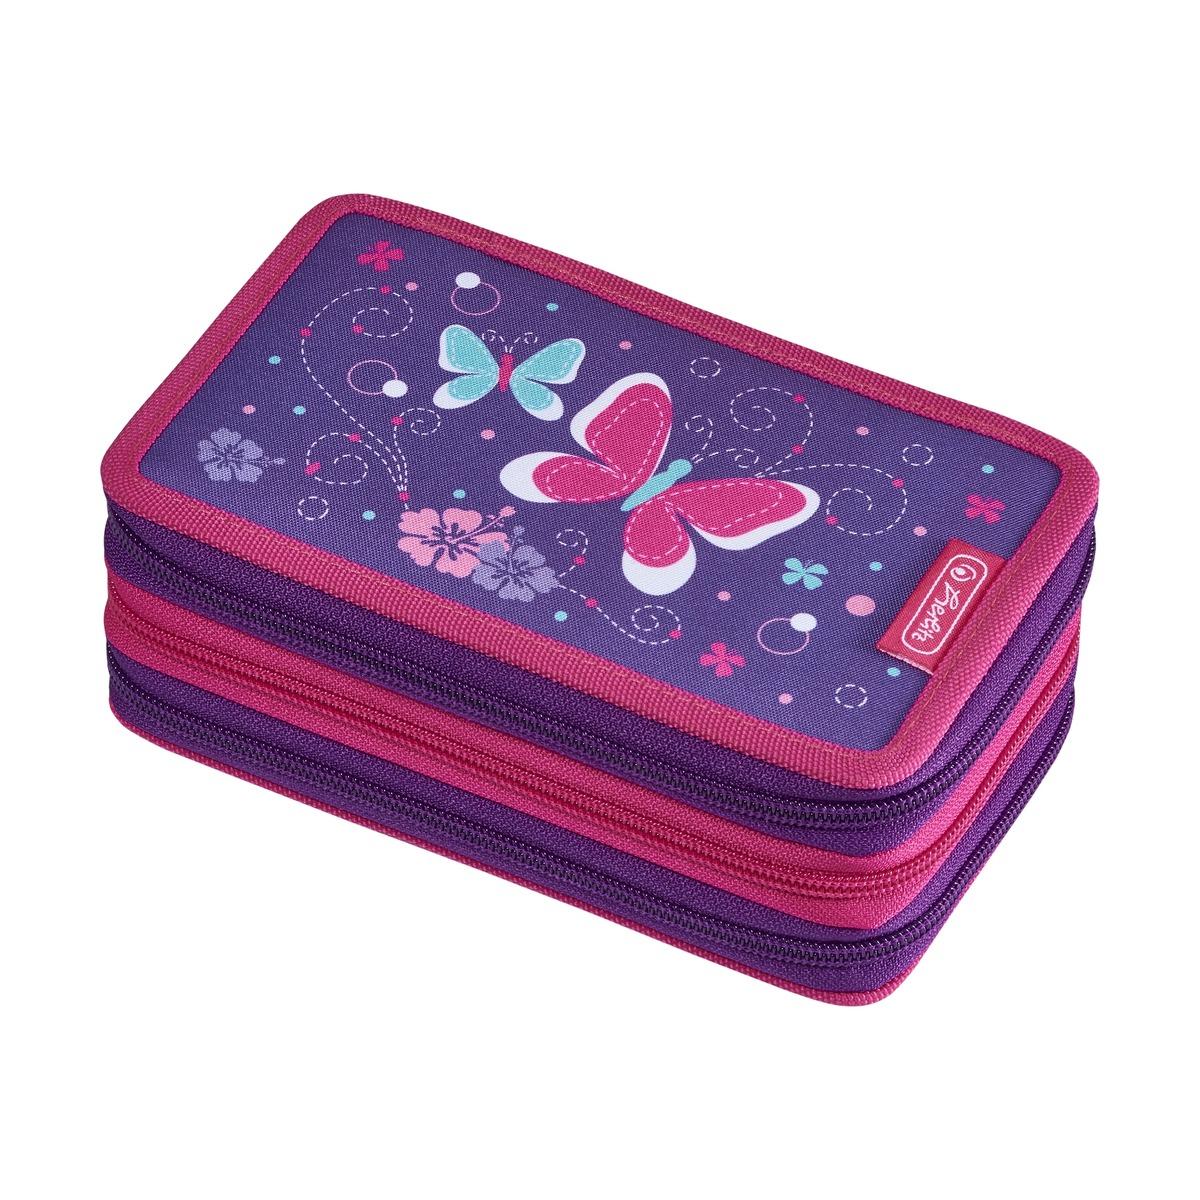 Herlitz 50021048 - Federmäppchen - Butterfly - Pink - Violett - Polyester